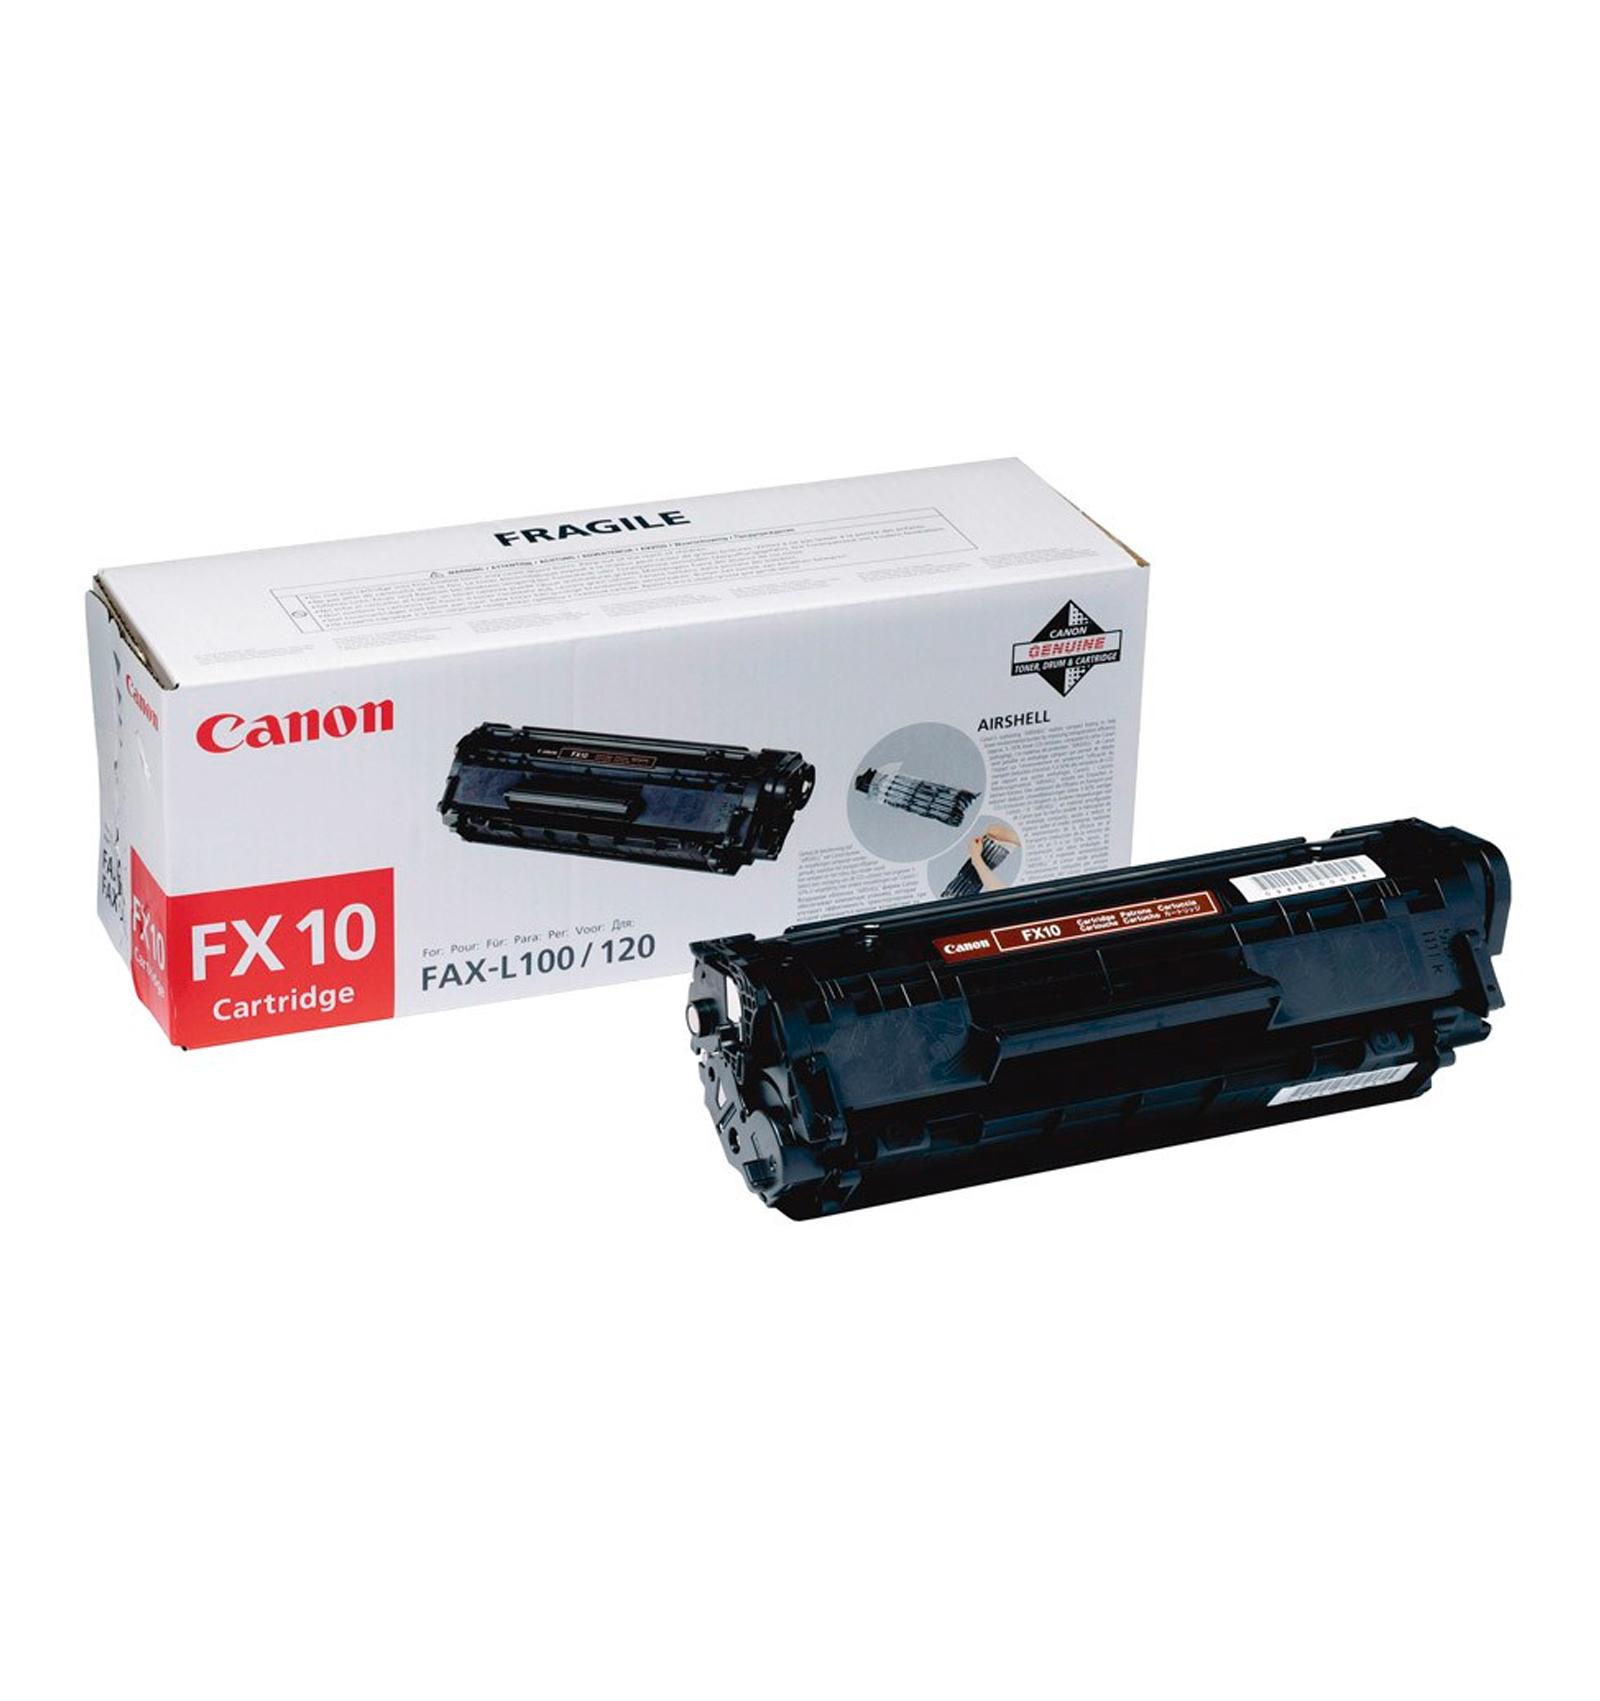 Canon FX-10 для FAX L100/L120, i-SENSYS MF4120 MF4140/MF4150